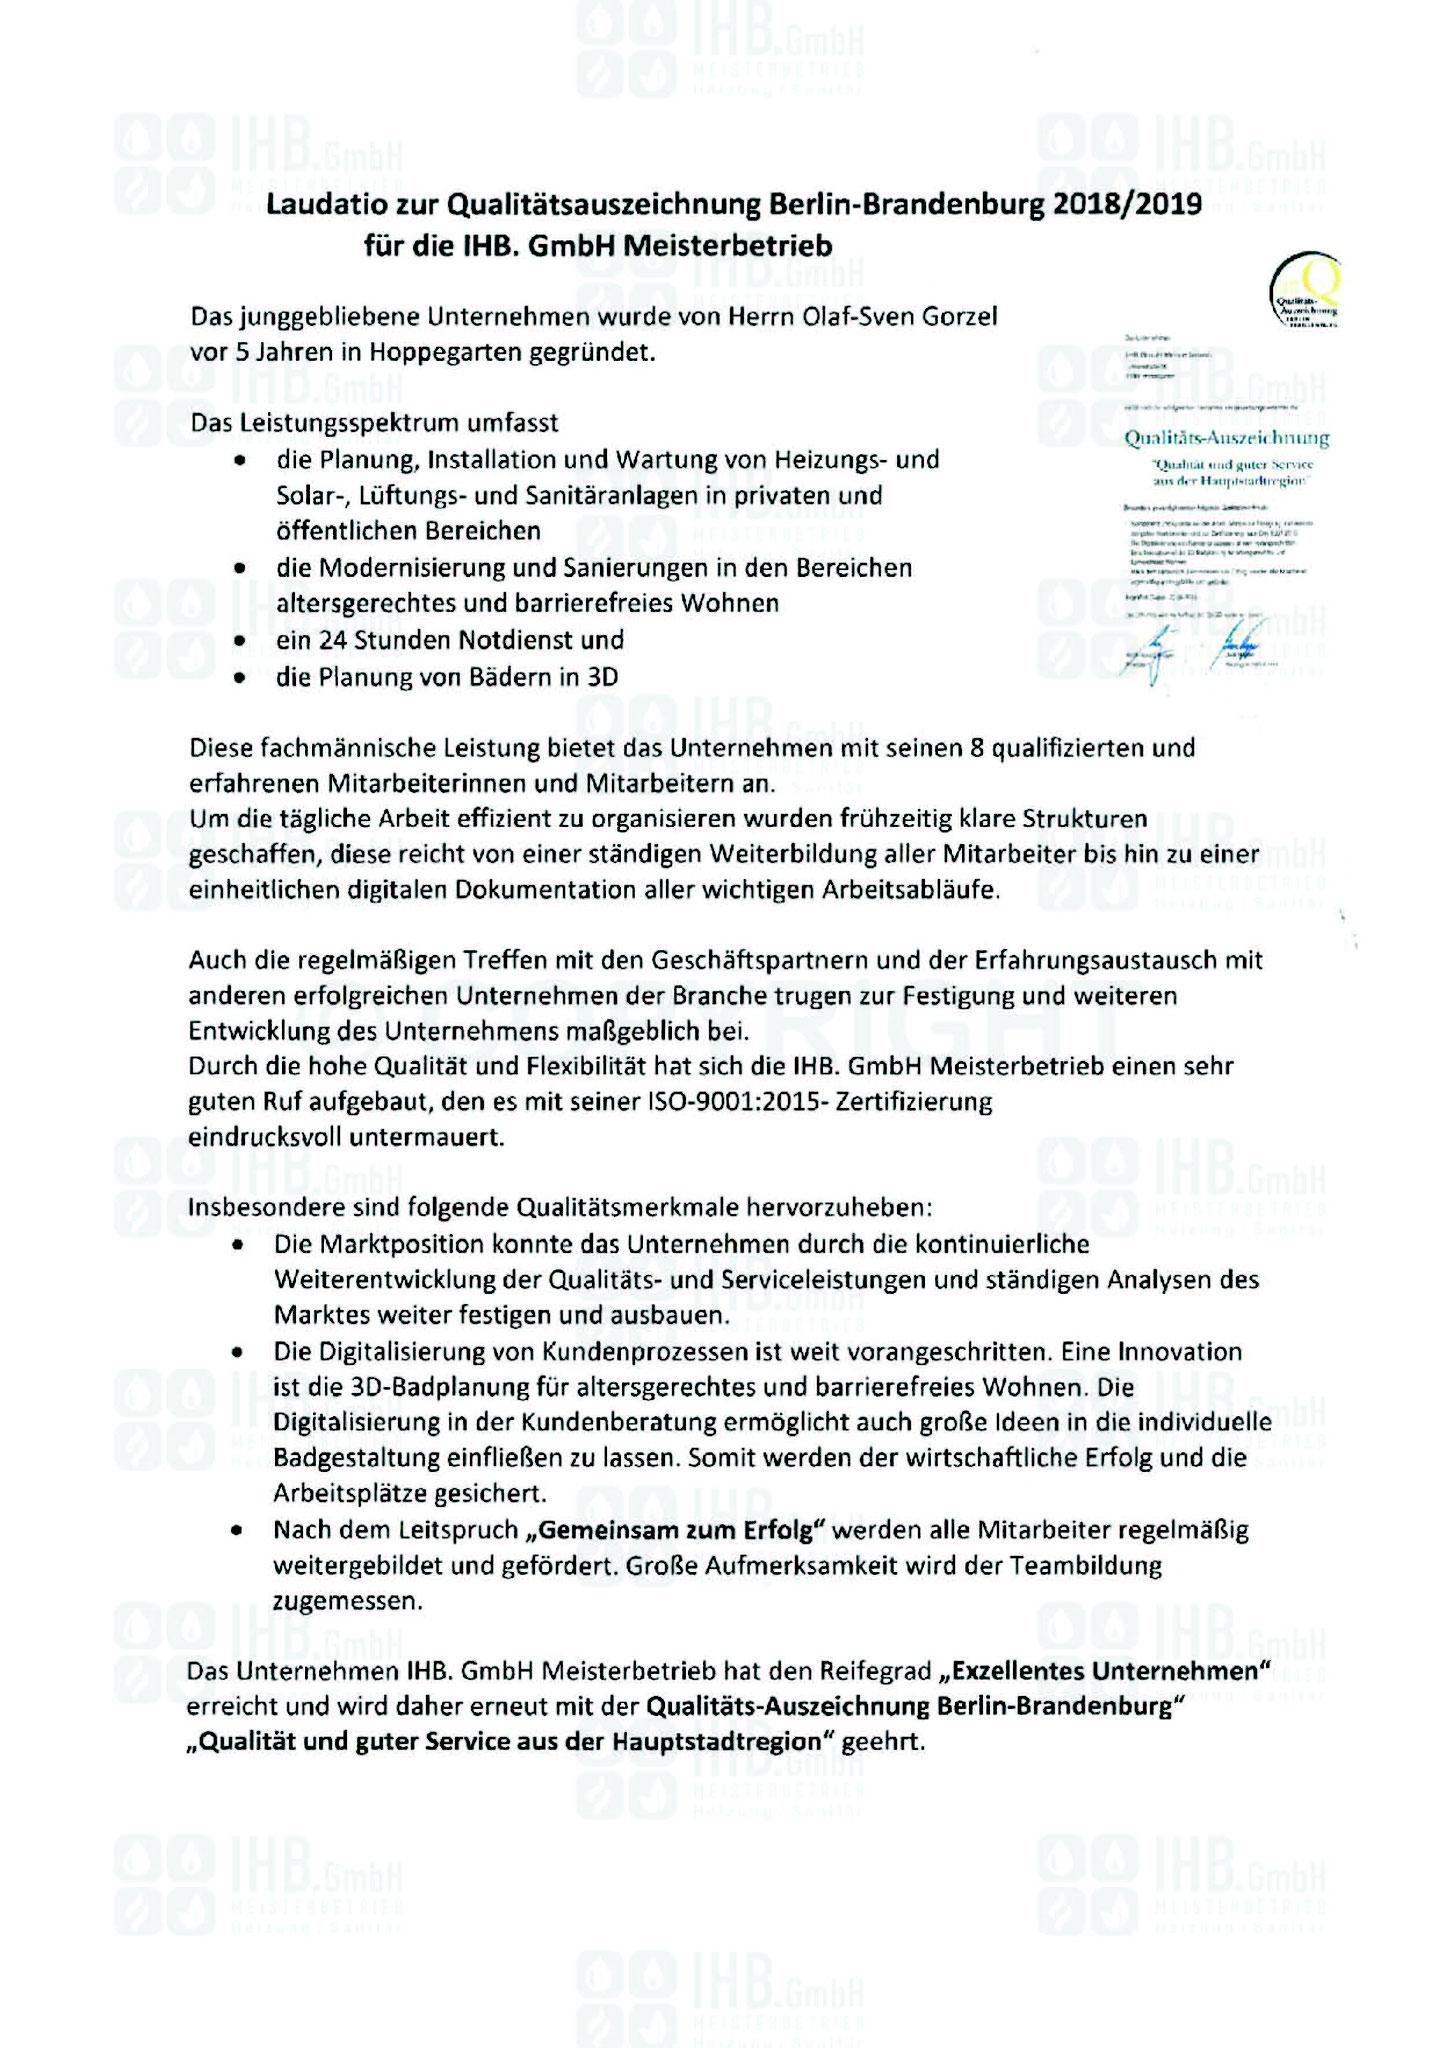 Qualitätsauszeichnung 2018/2019 Laudatio